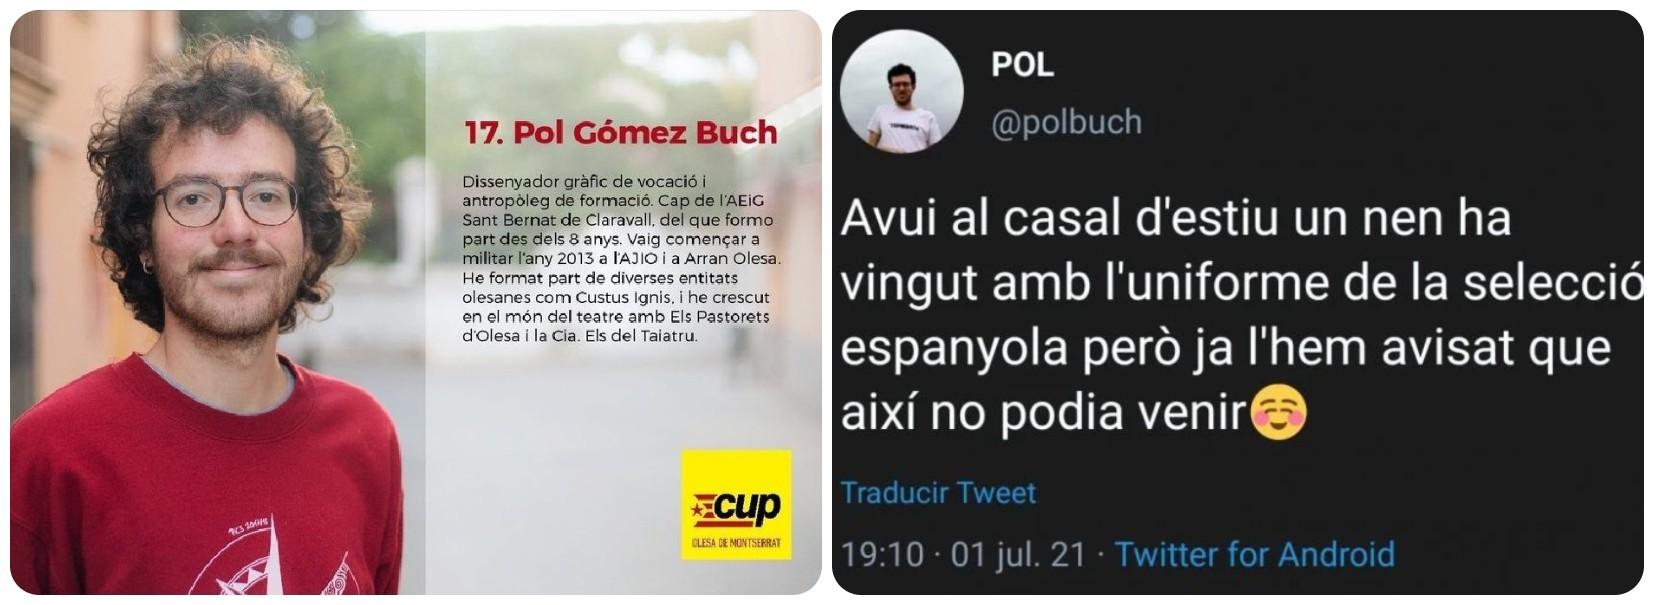 El monitor de un campamento en Cataluña obliga a un niño a quitarse la camiseta de la Selección Española